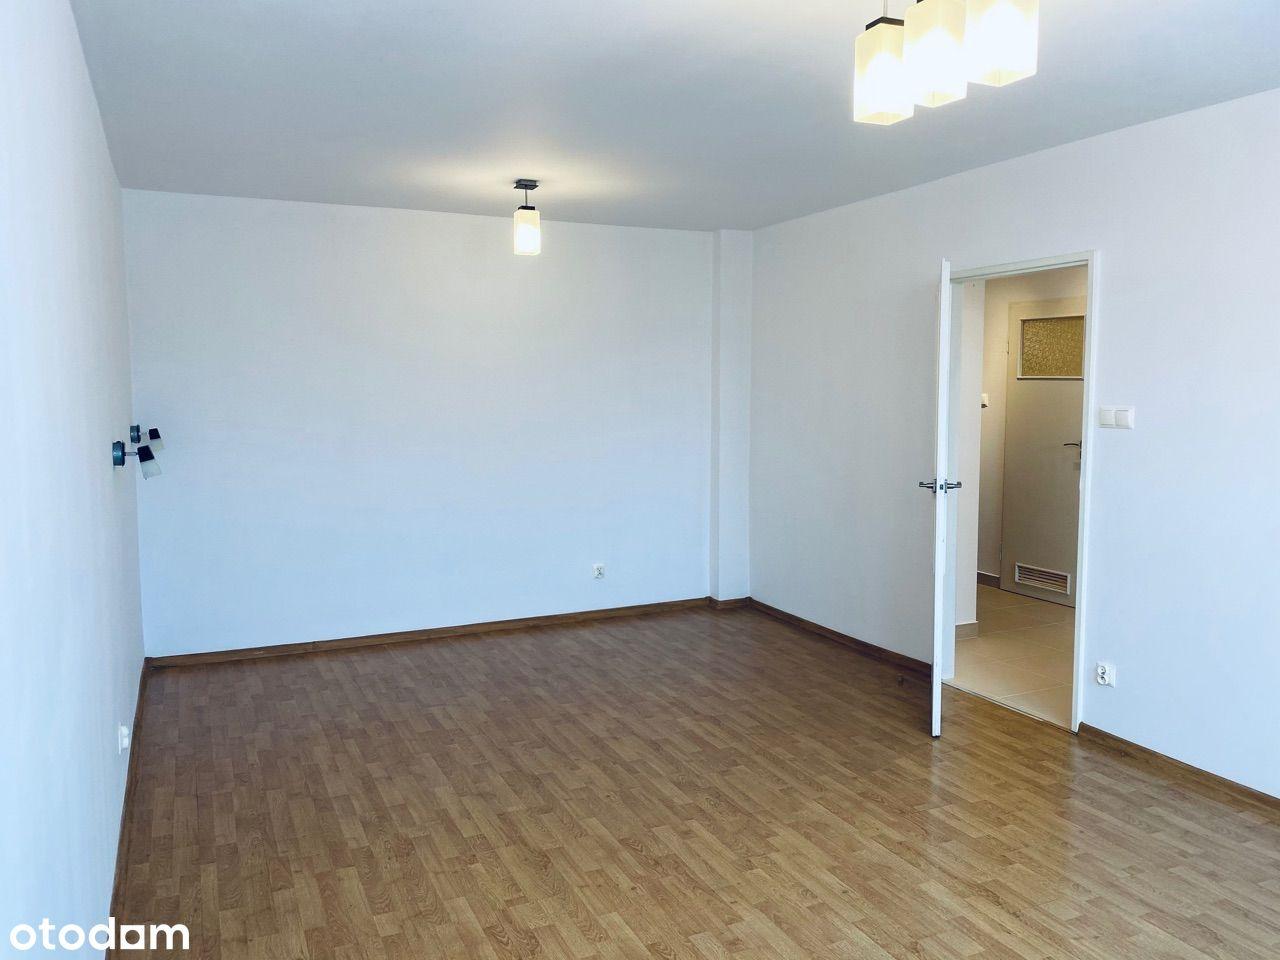 Mieszkanie 2 pokoje z kuchnią REZERWACJA